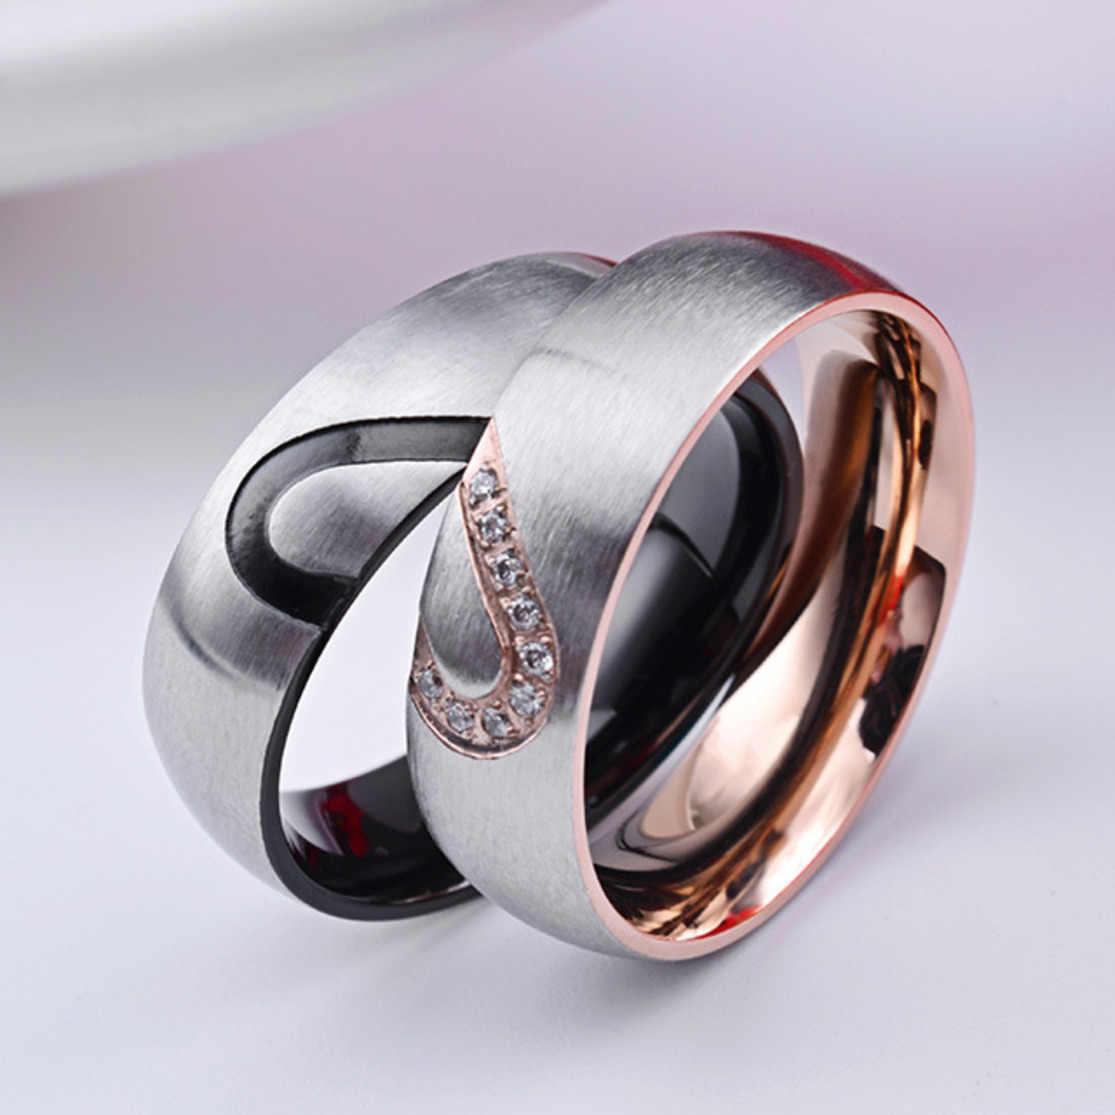 Bague de fiançailles en acier inoxydable pour Couples, bague de fiançailles de mariage, zircon cubique CZ 6mm incrusté